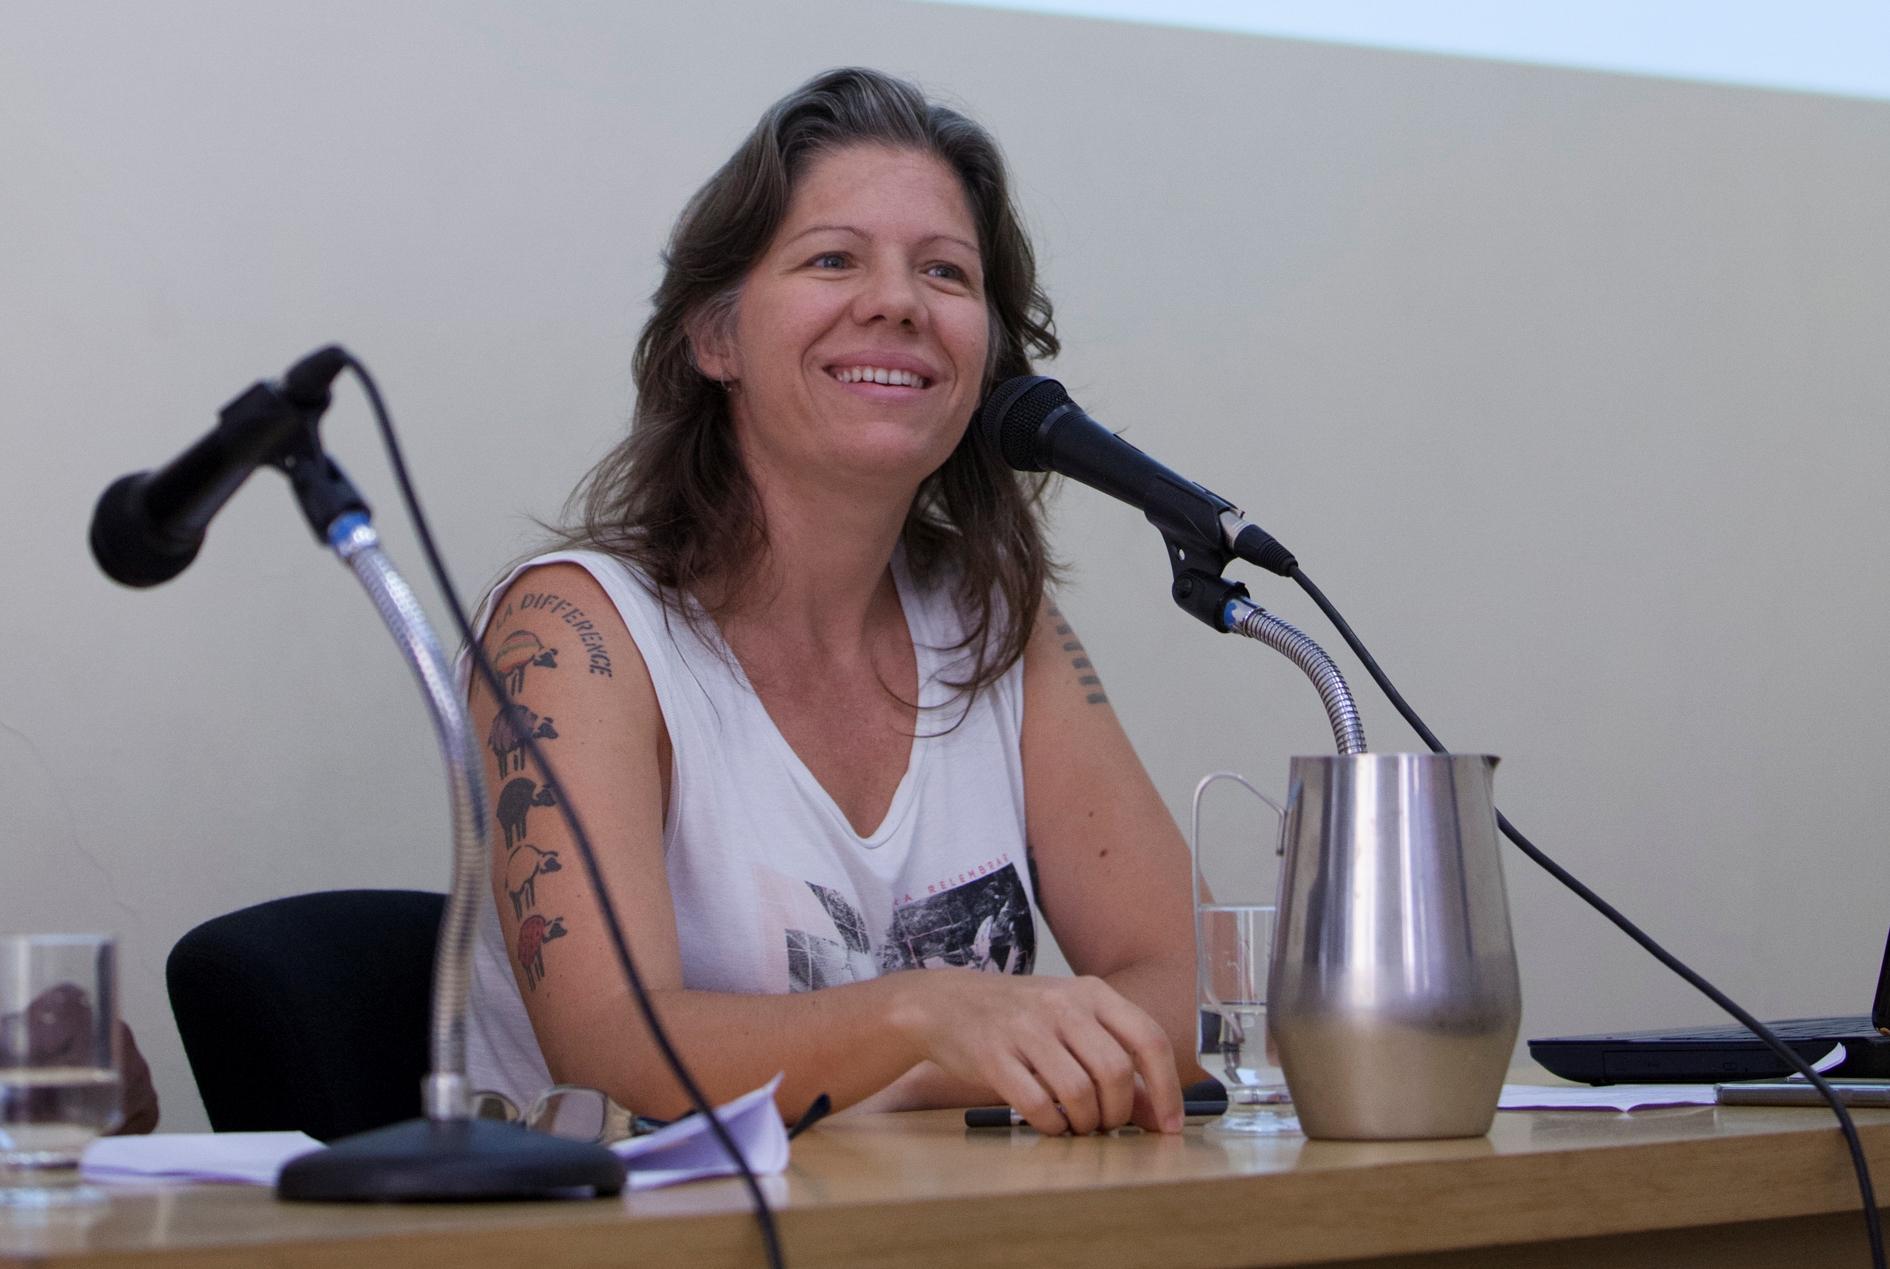 Joana Ziller: redes sociais revelam preconceitos e reforçam estereótipos (Foto: Daniel Protzner / UFMG)